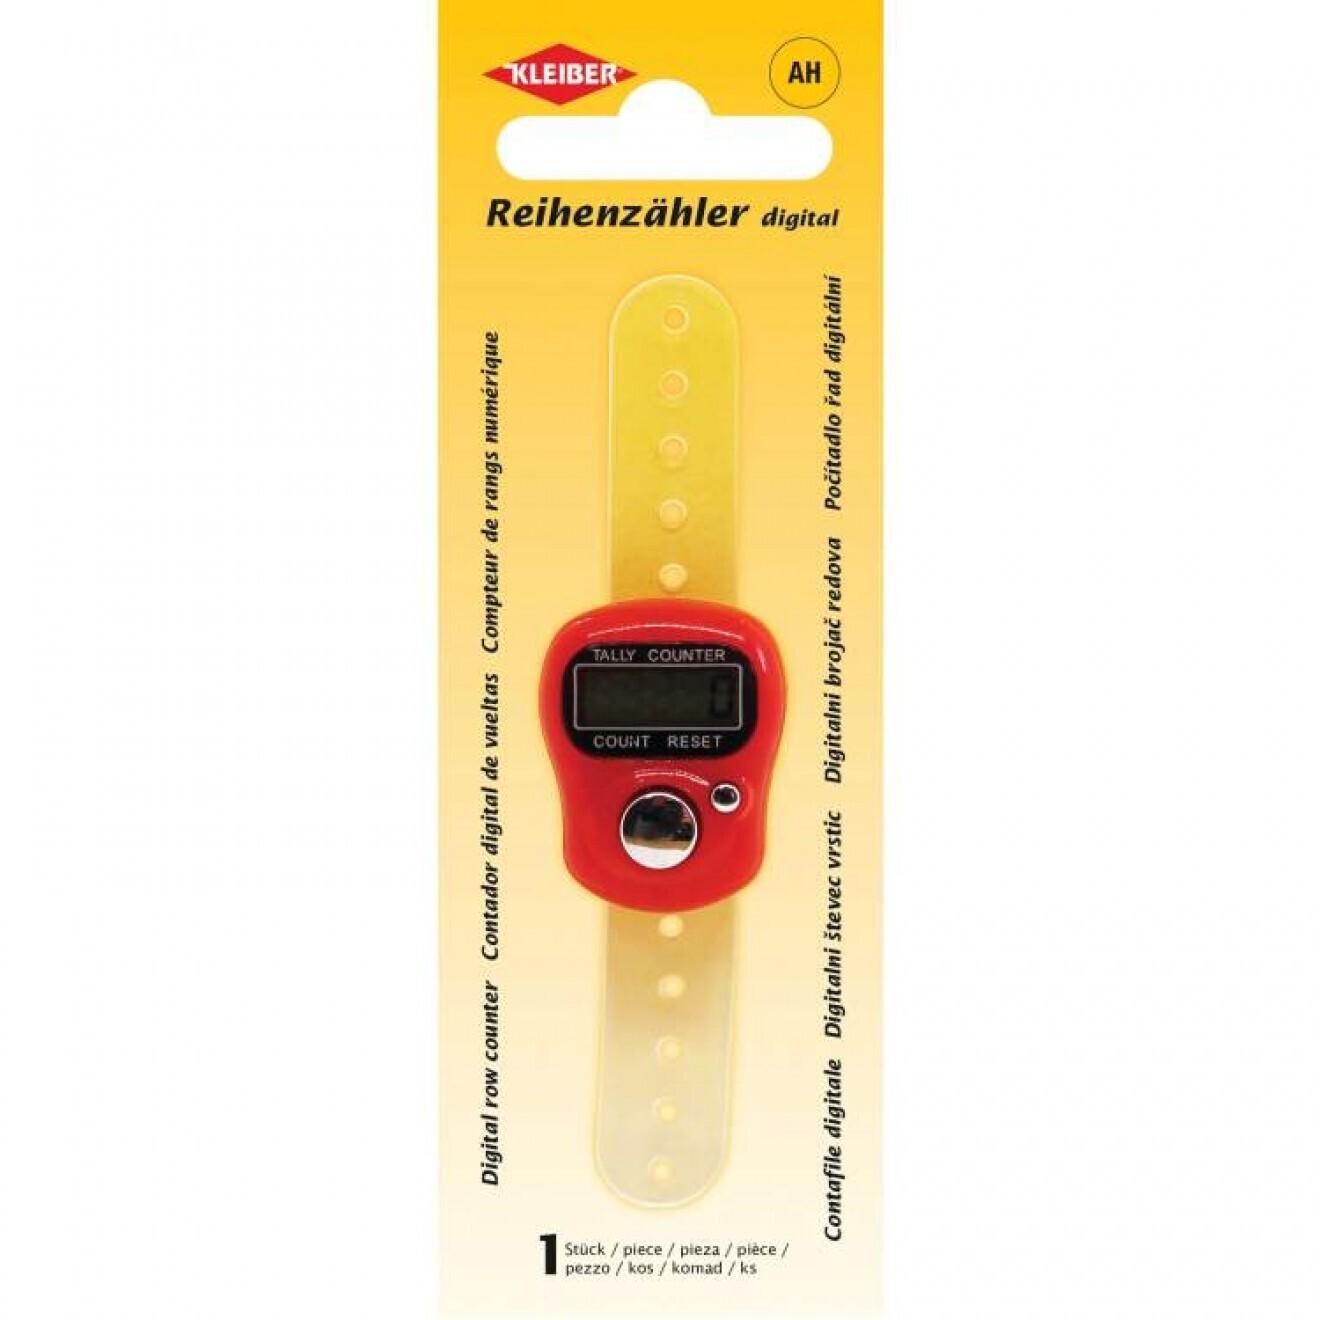 Kleiber digital row counter